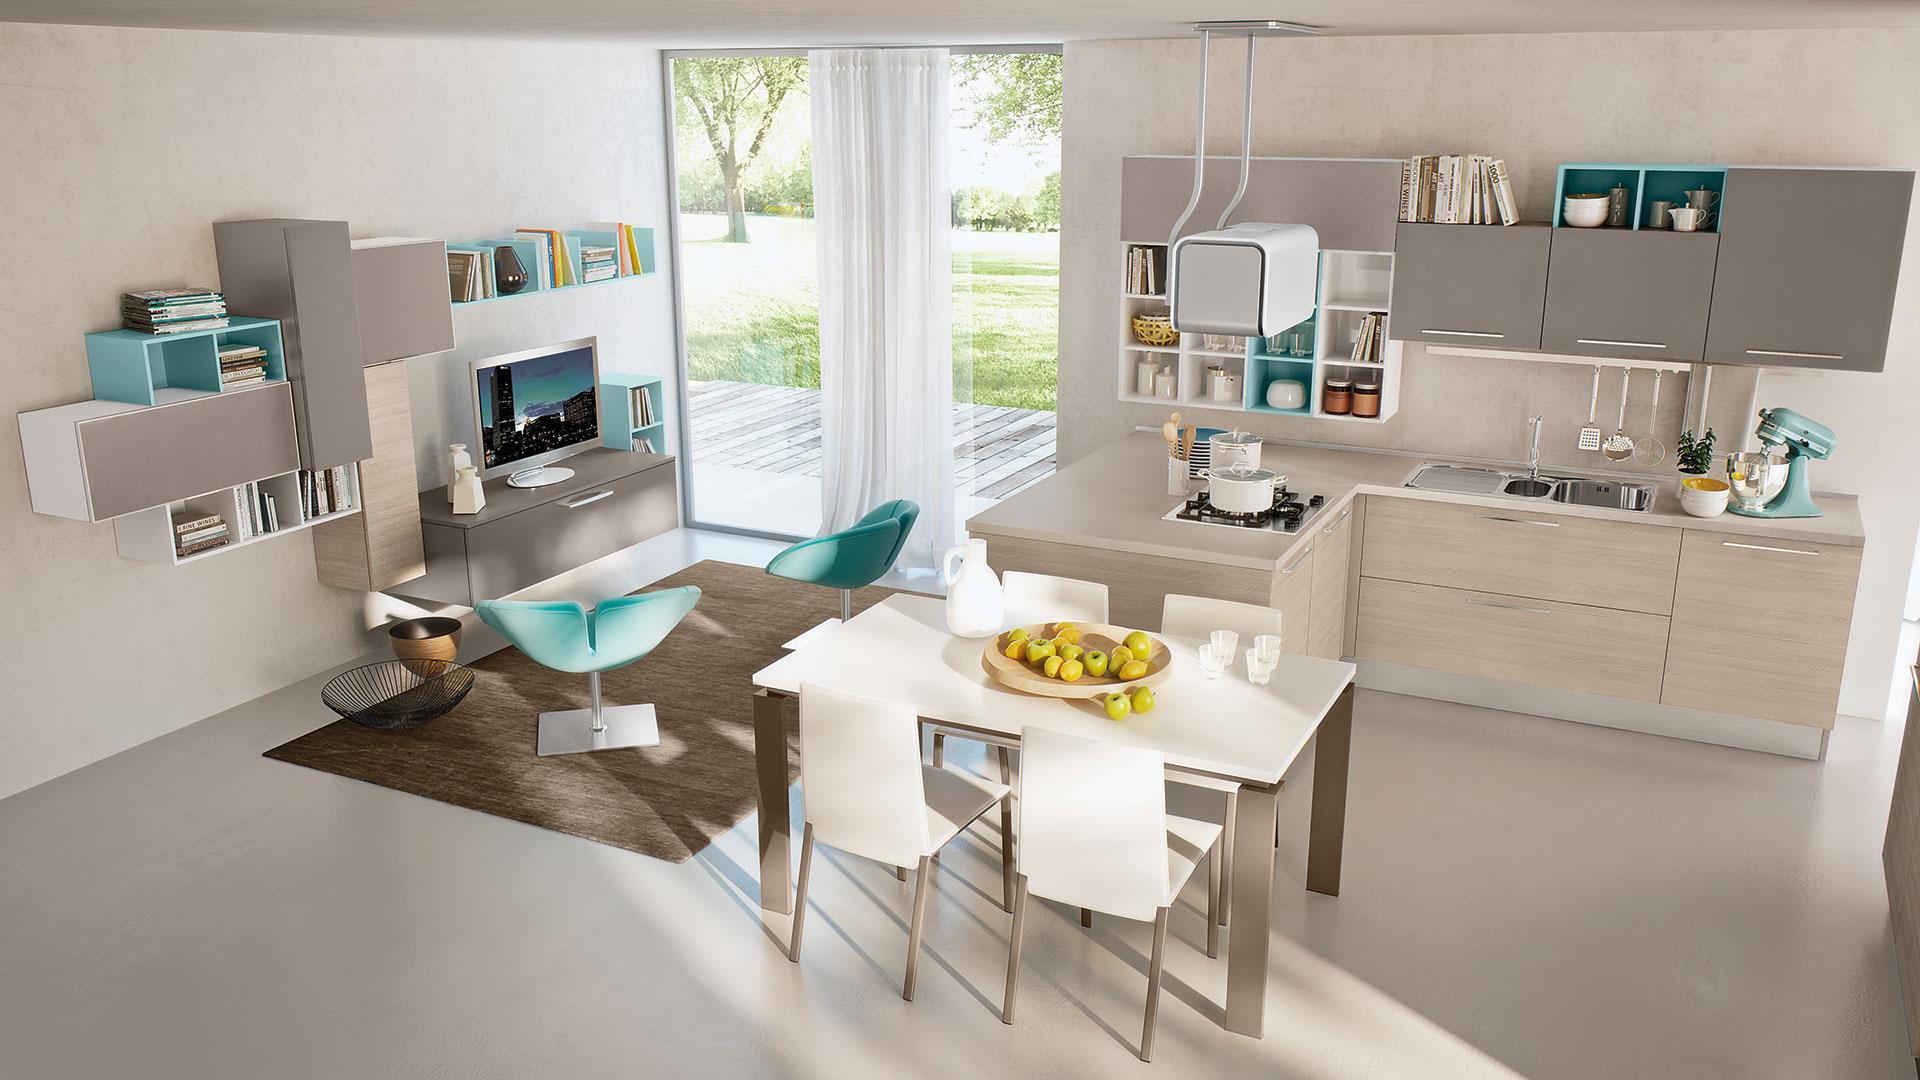 Rizzo Arreda Lube Arredamenti Paderno Dugnano | Cucine Moderna Swing